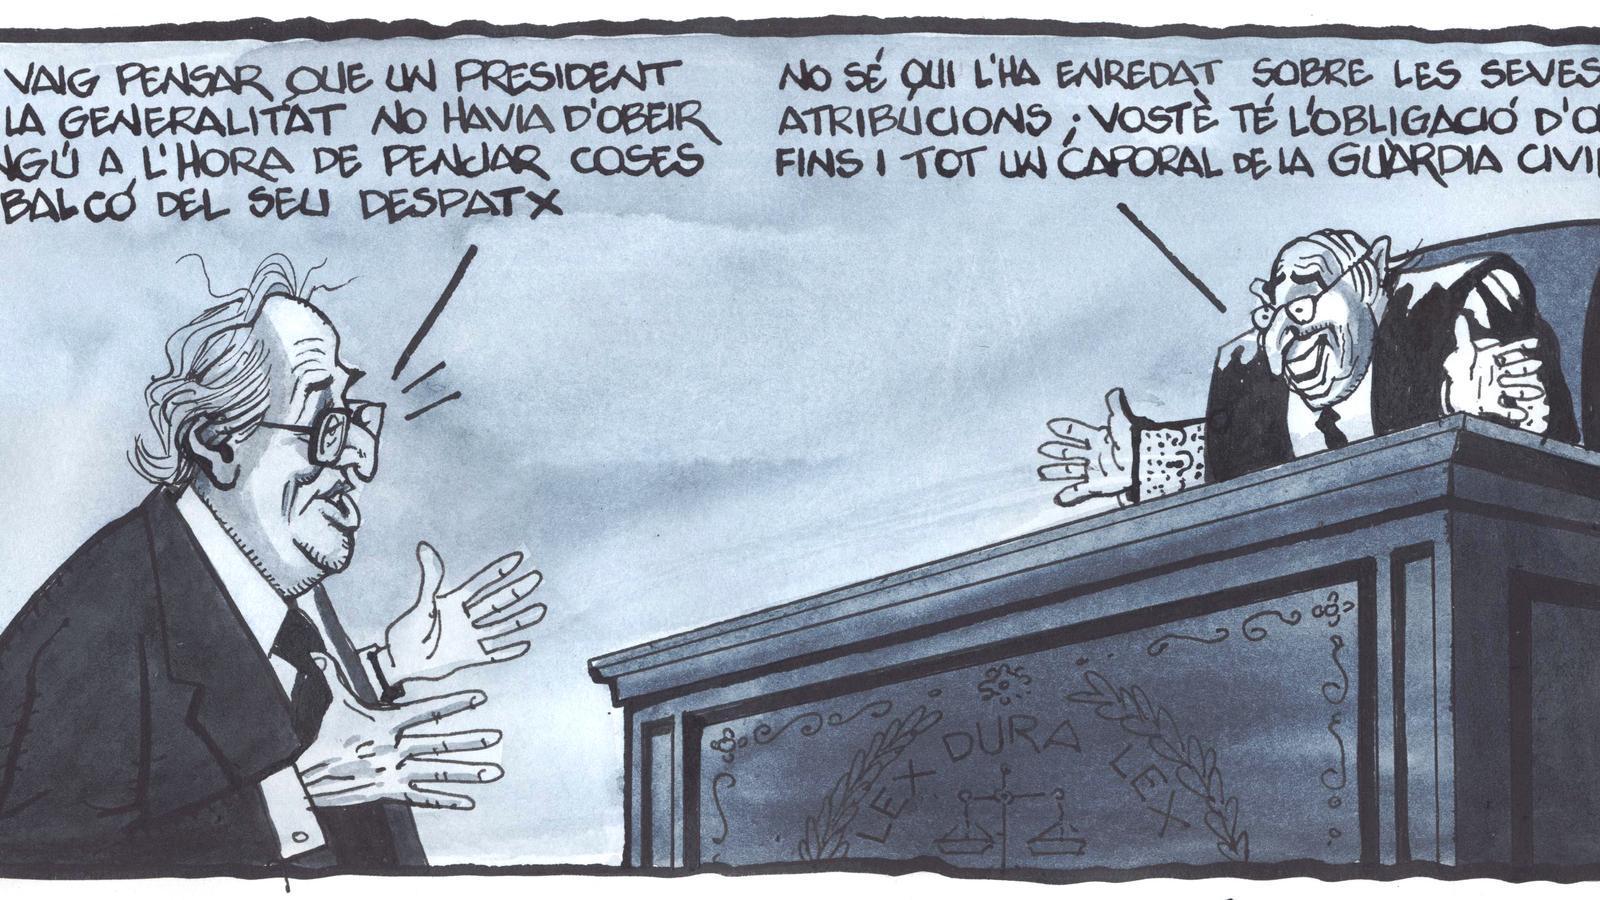 'A la contra', per Ferreres (17/07/2019)